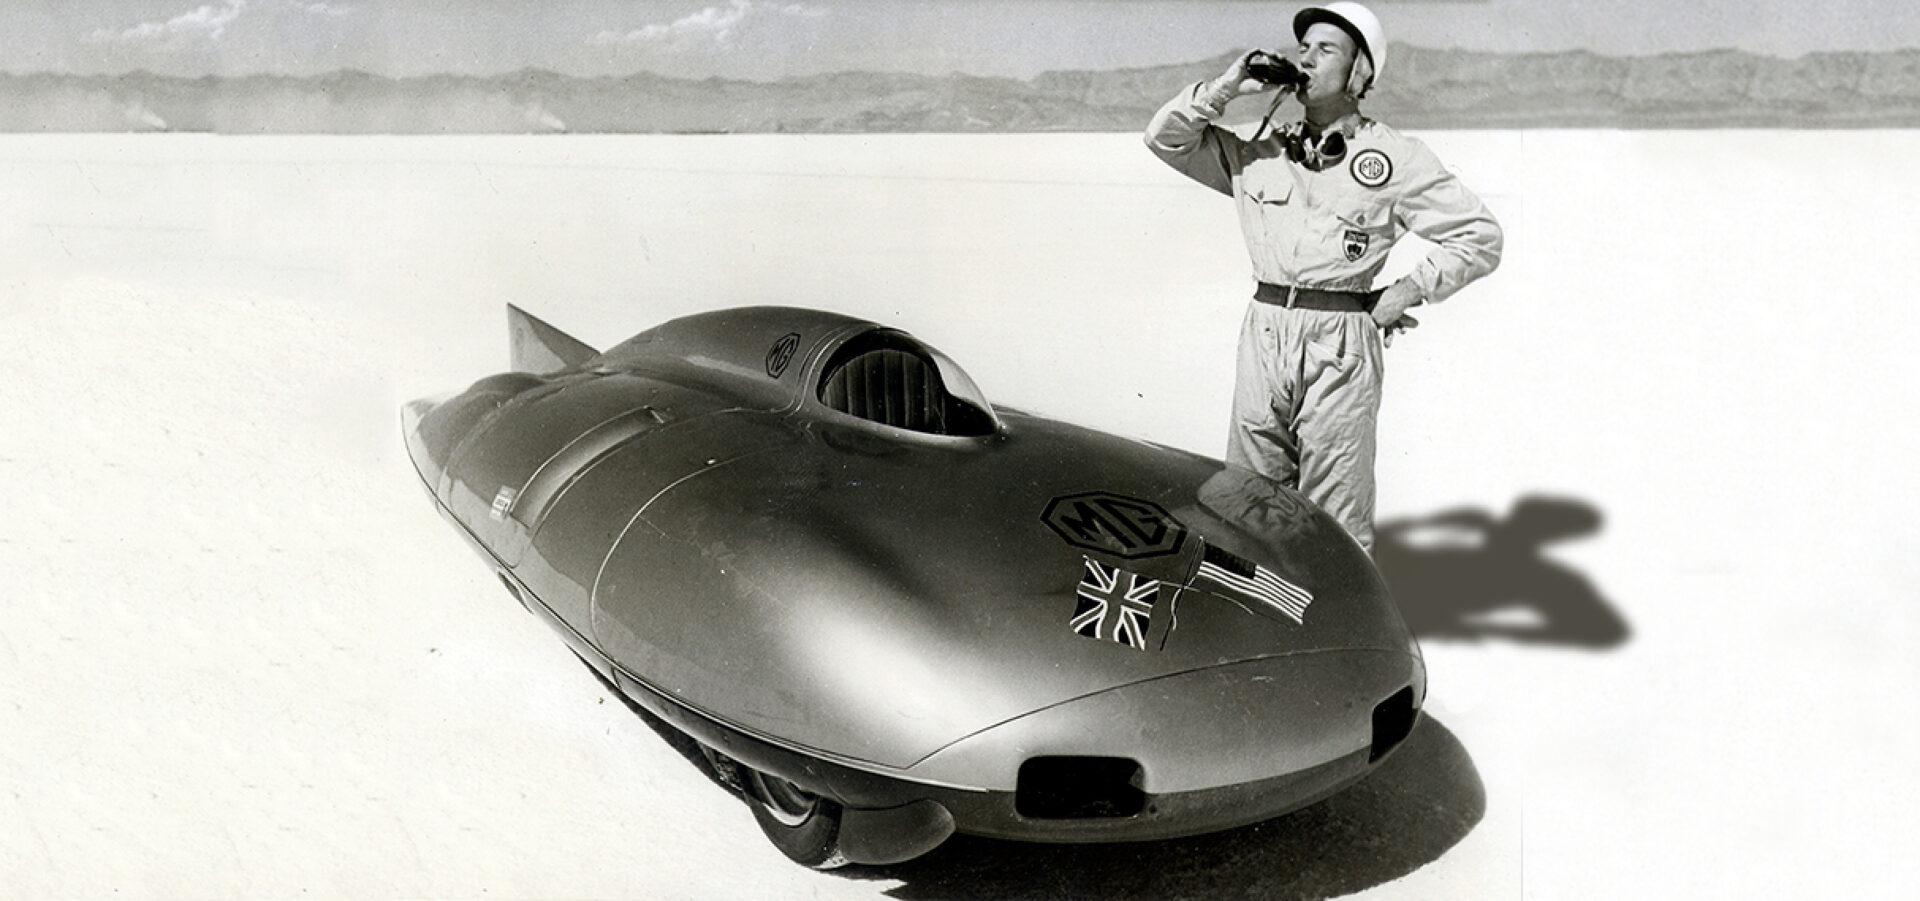 Se cumplen 64 años del récord de velocidad establecido por Stirling Moss con el MG EX 181